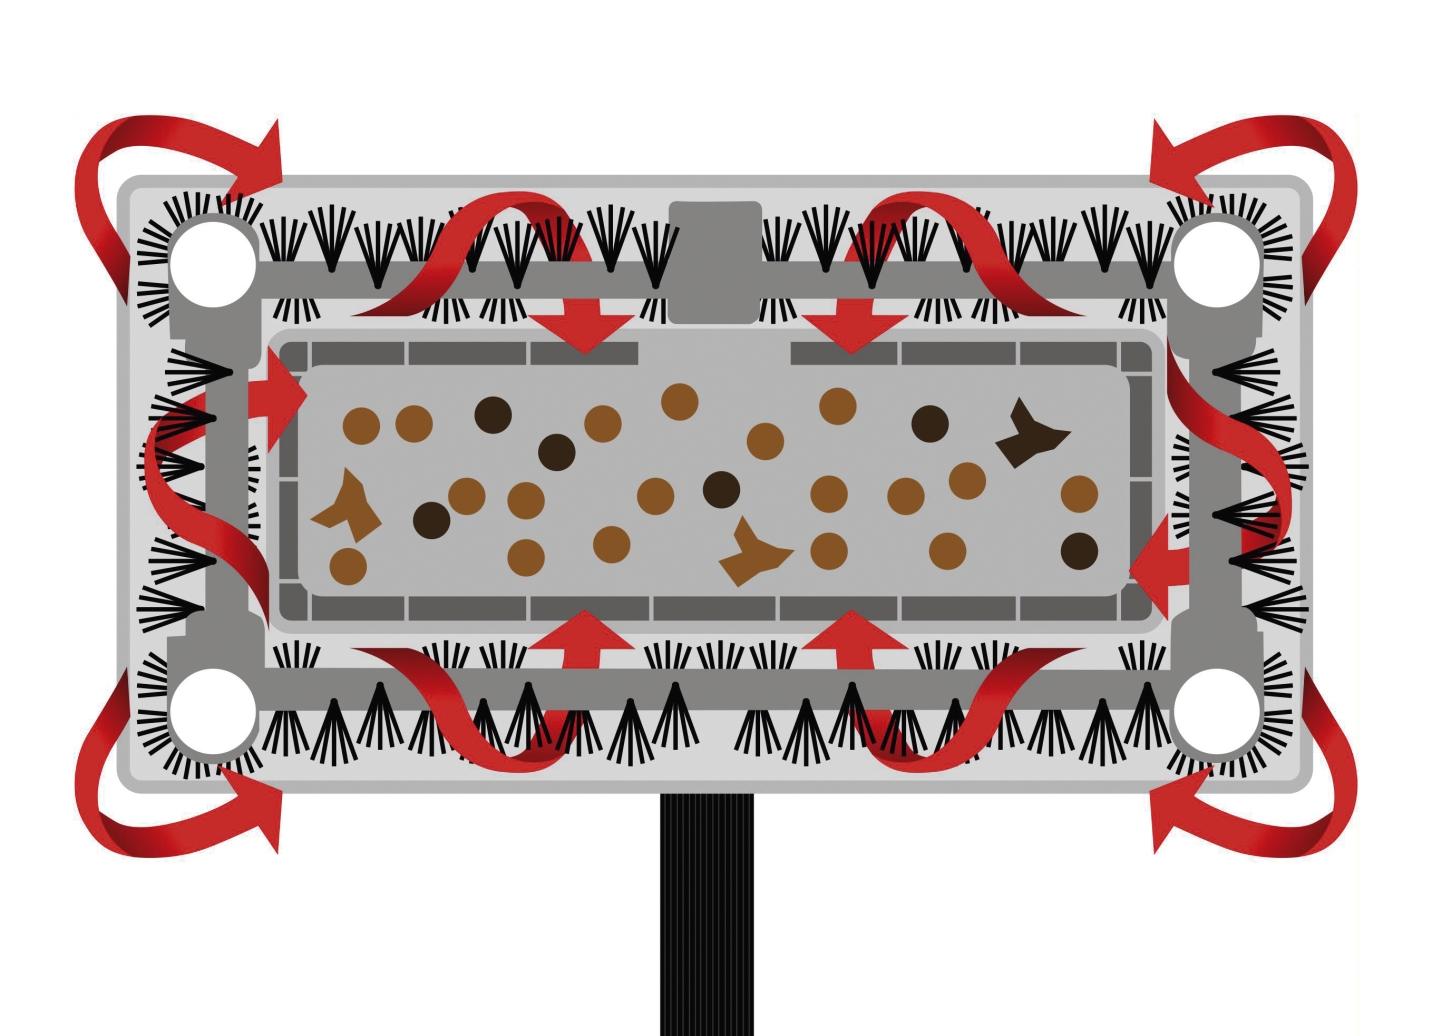 swivel sweeper kabelloser akkubesen tv werbung brigitte hachenburg. Black Bedroom Furniture Sets. Home Design Ideas